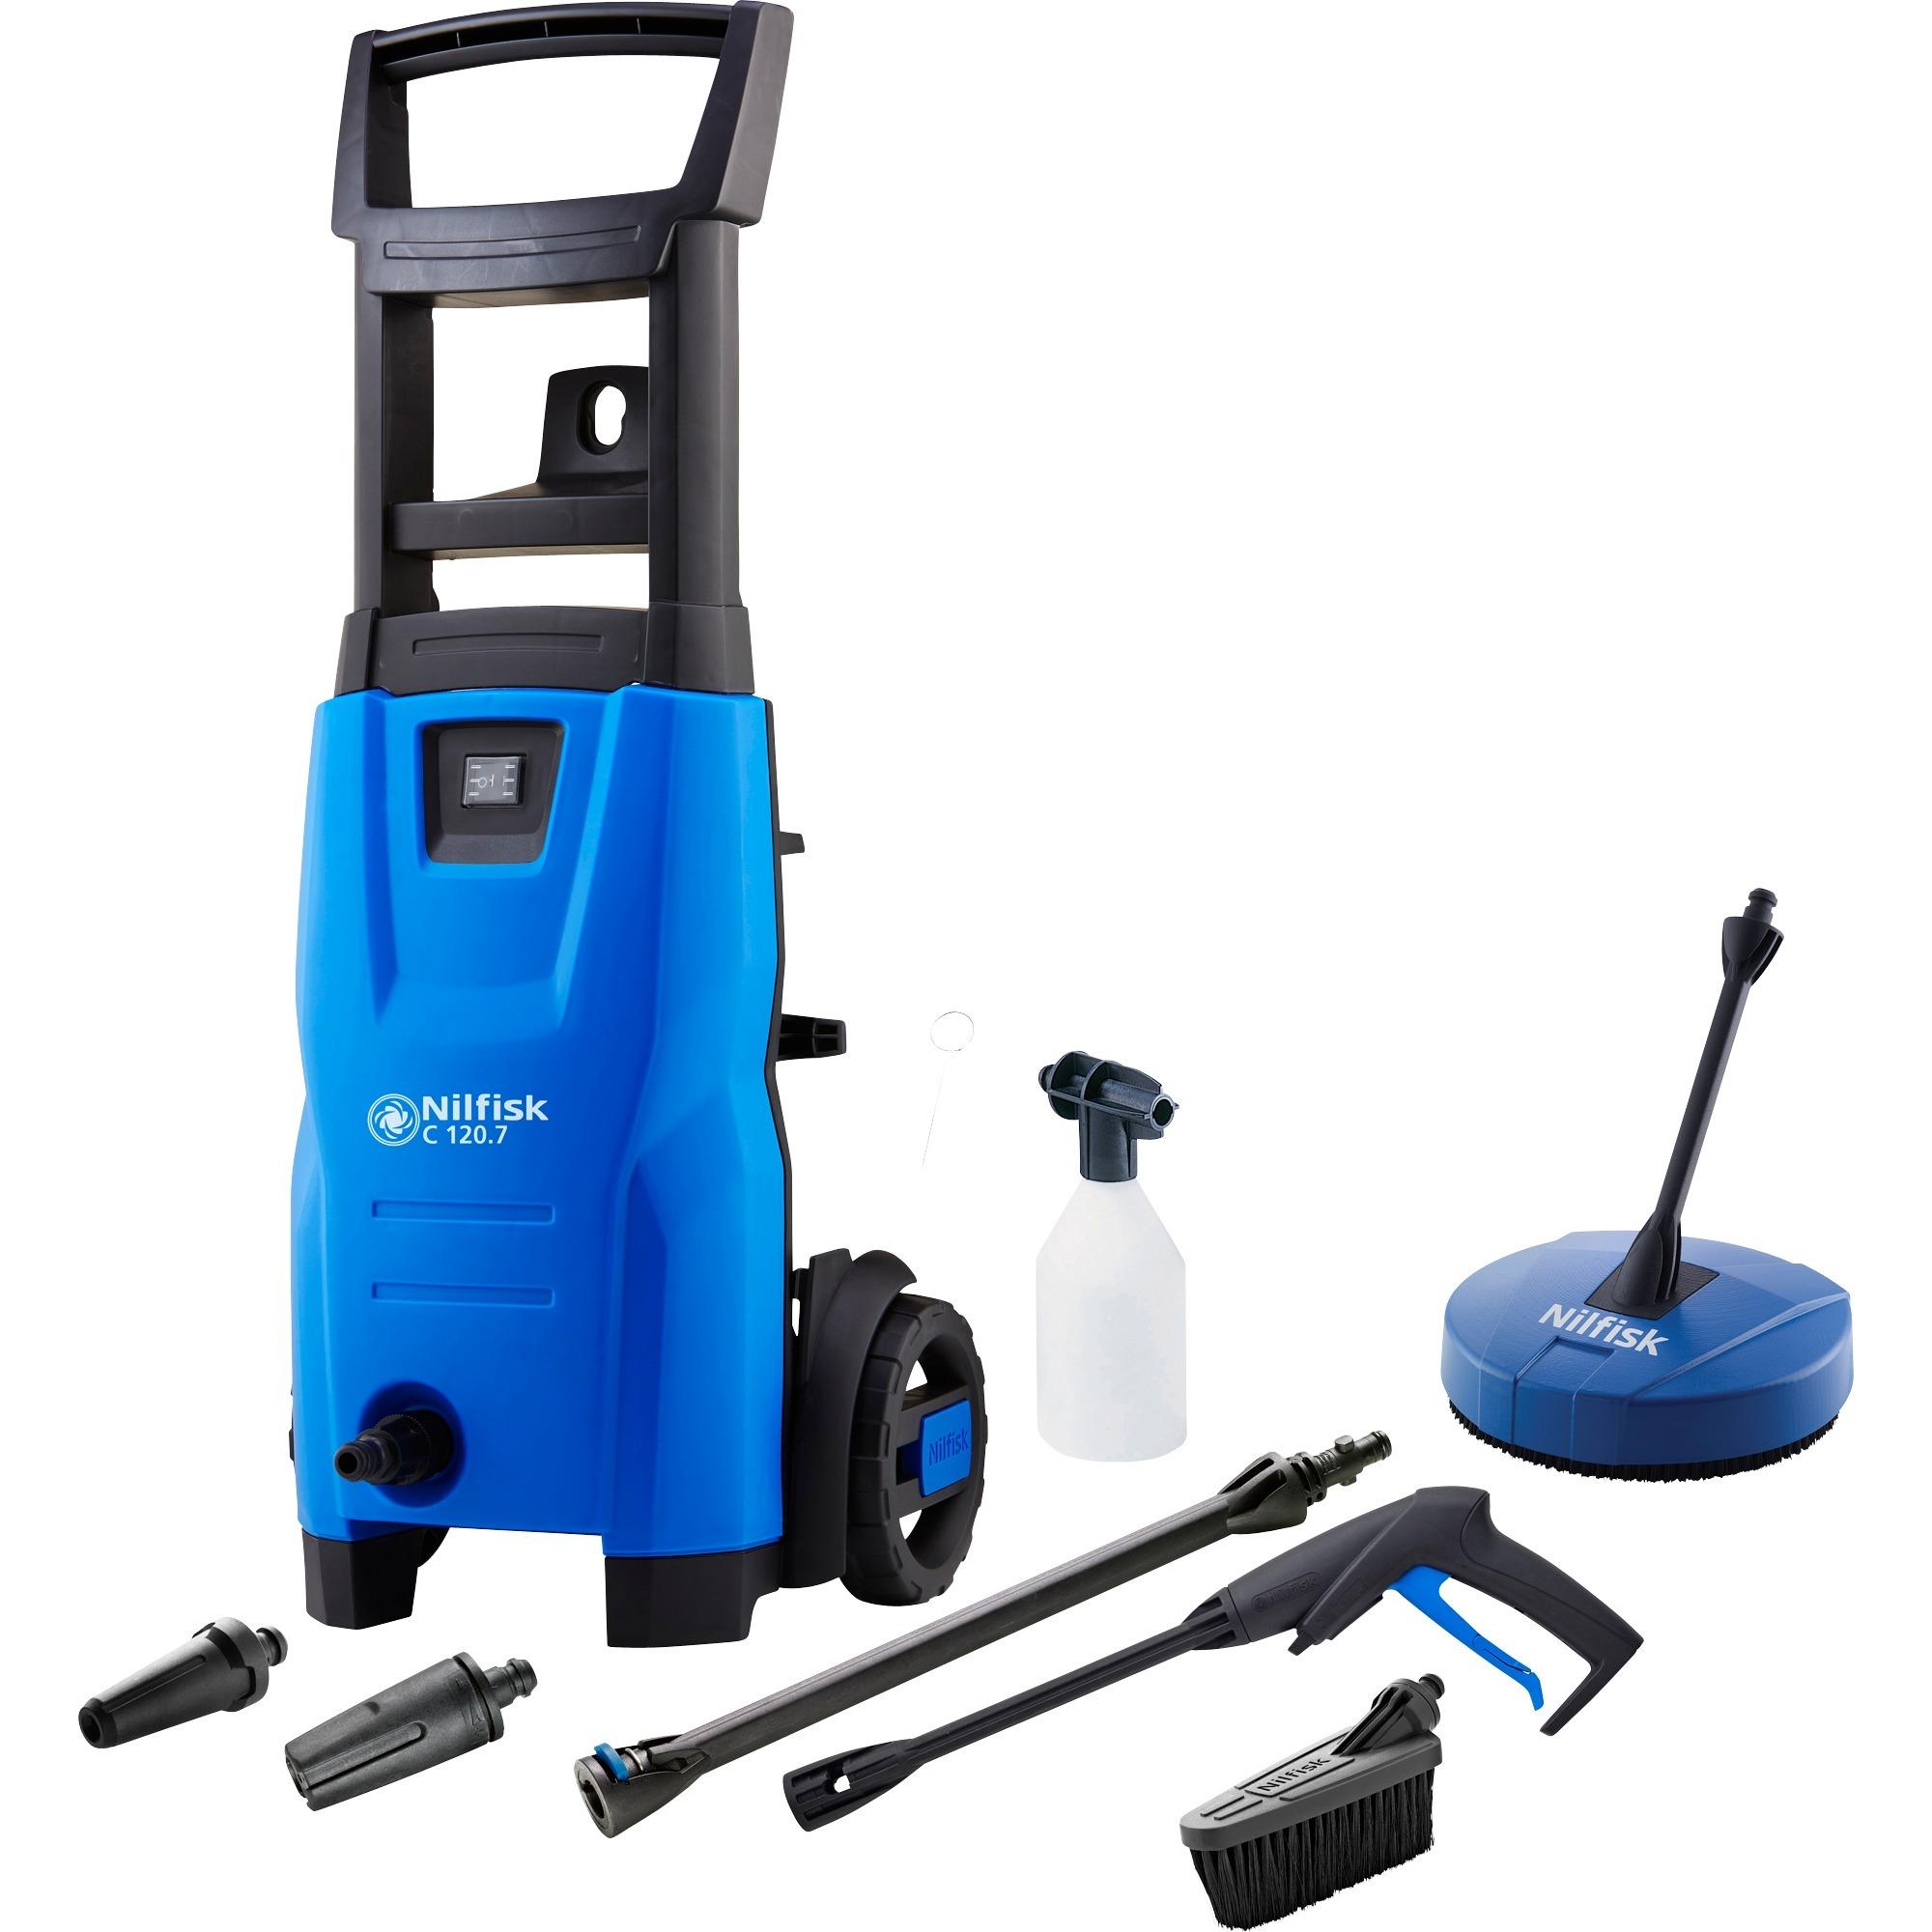 C 120.7 Limpiadora de alta presión o Hidrolimpiadora Compacto Eléctrico Negro, Azul 440 l/h 1400 W, Hidrolimpiadora de alta presión